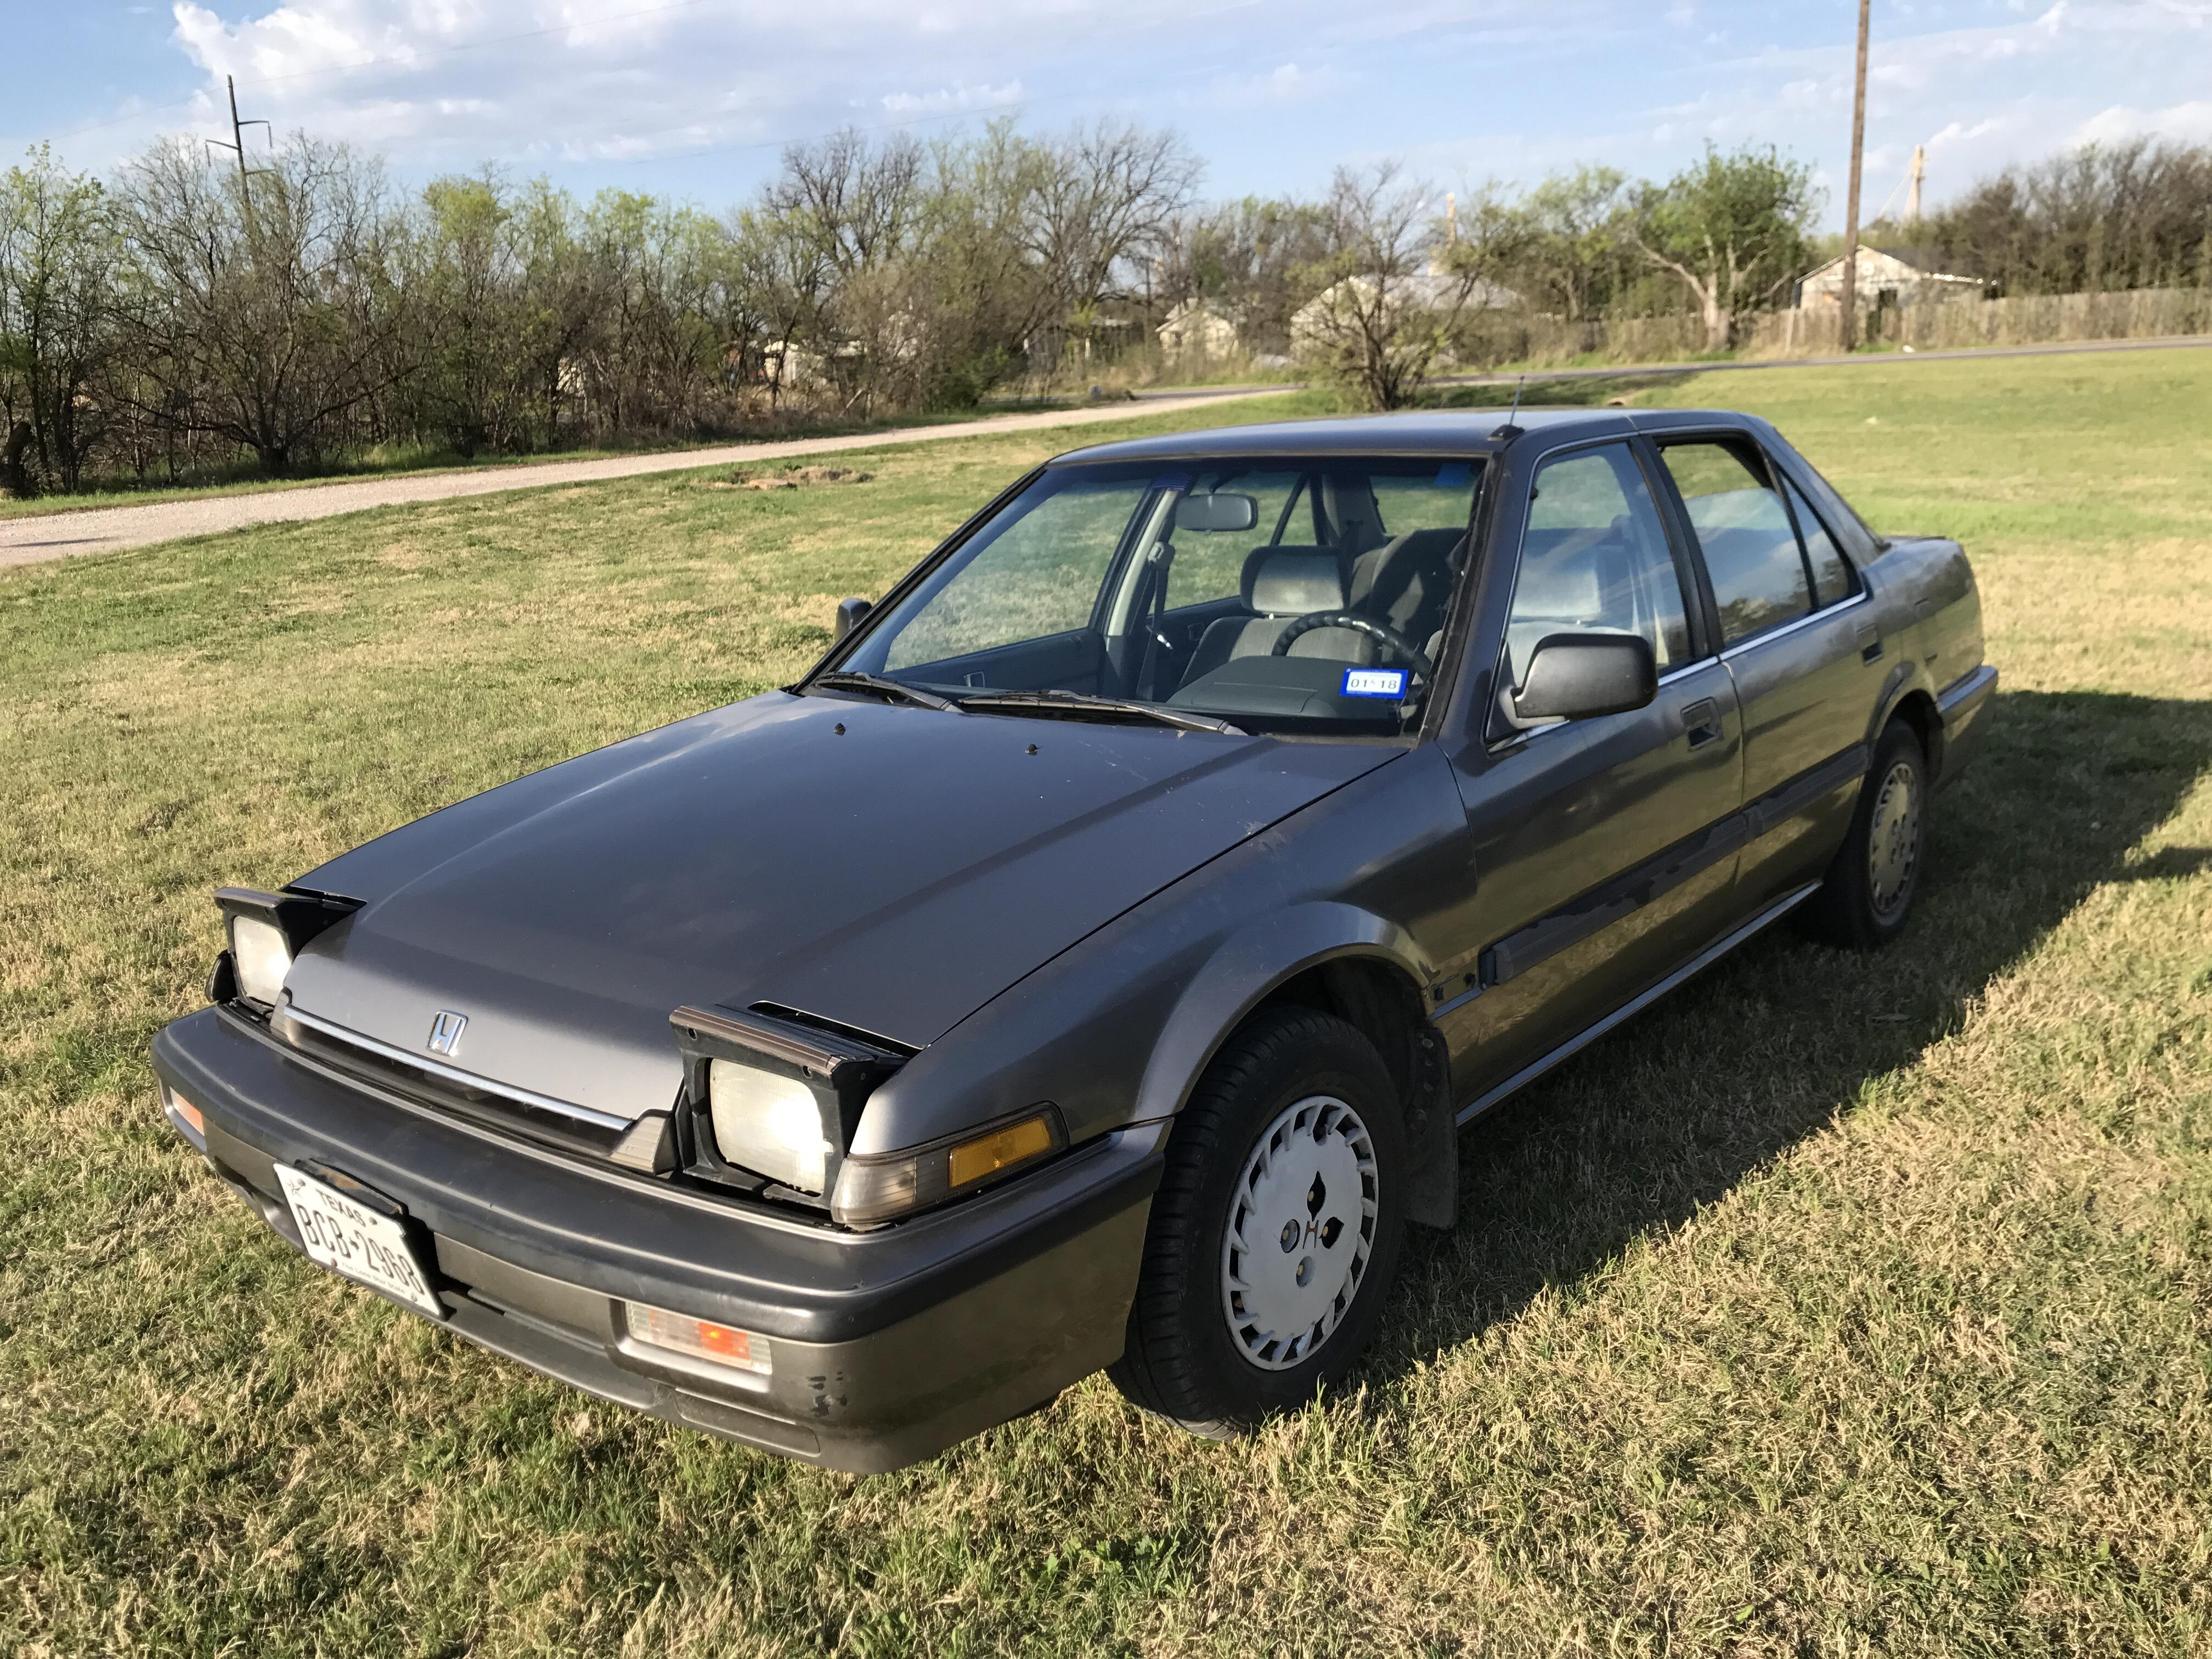 Kelebihan Kekurangan Honda Accord 1989 Murah Berkualitas